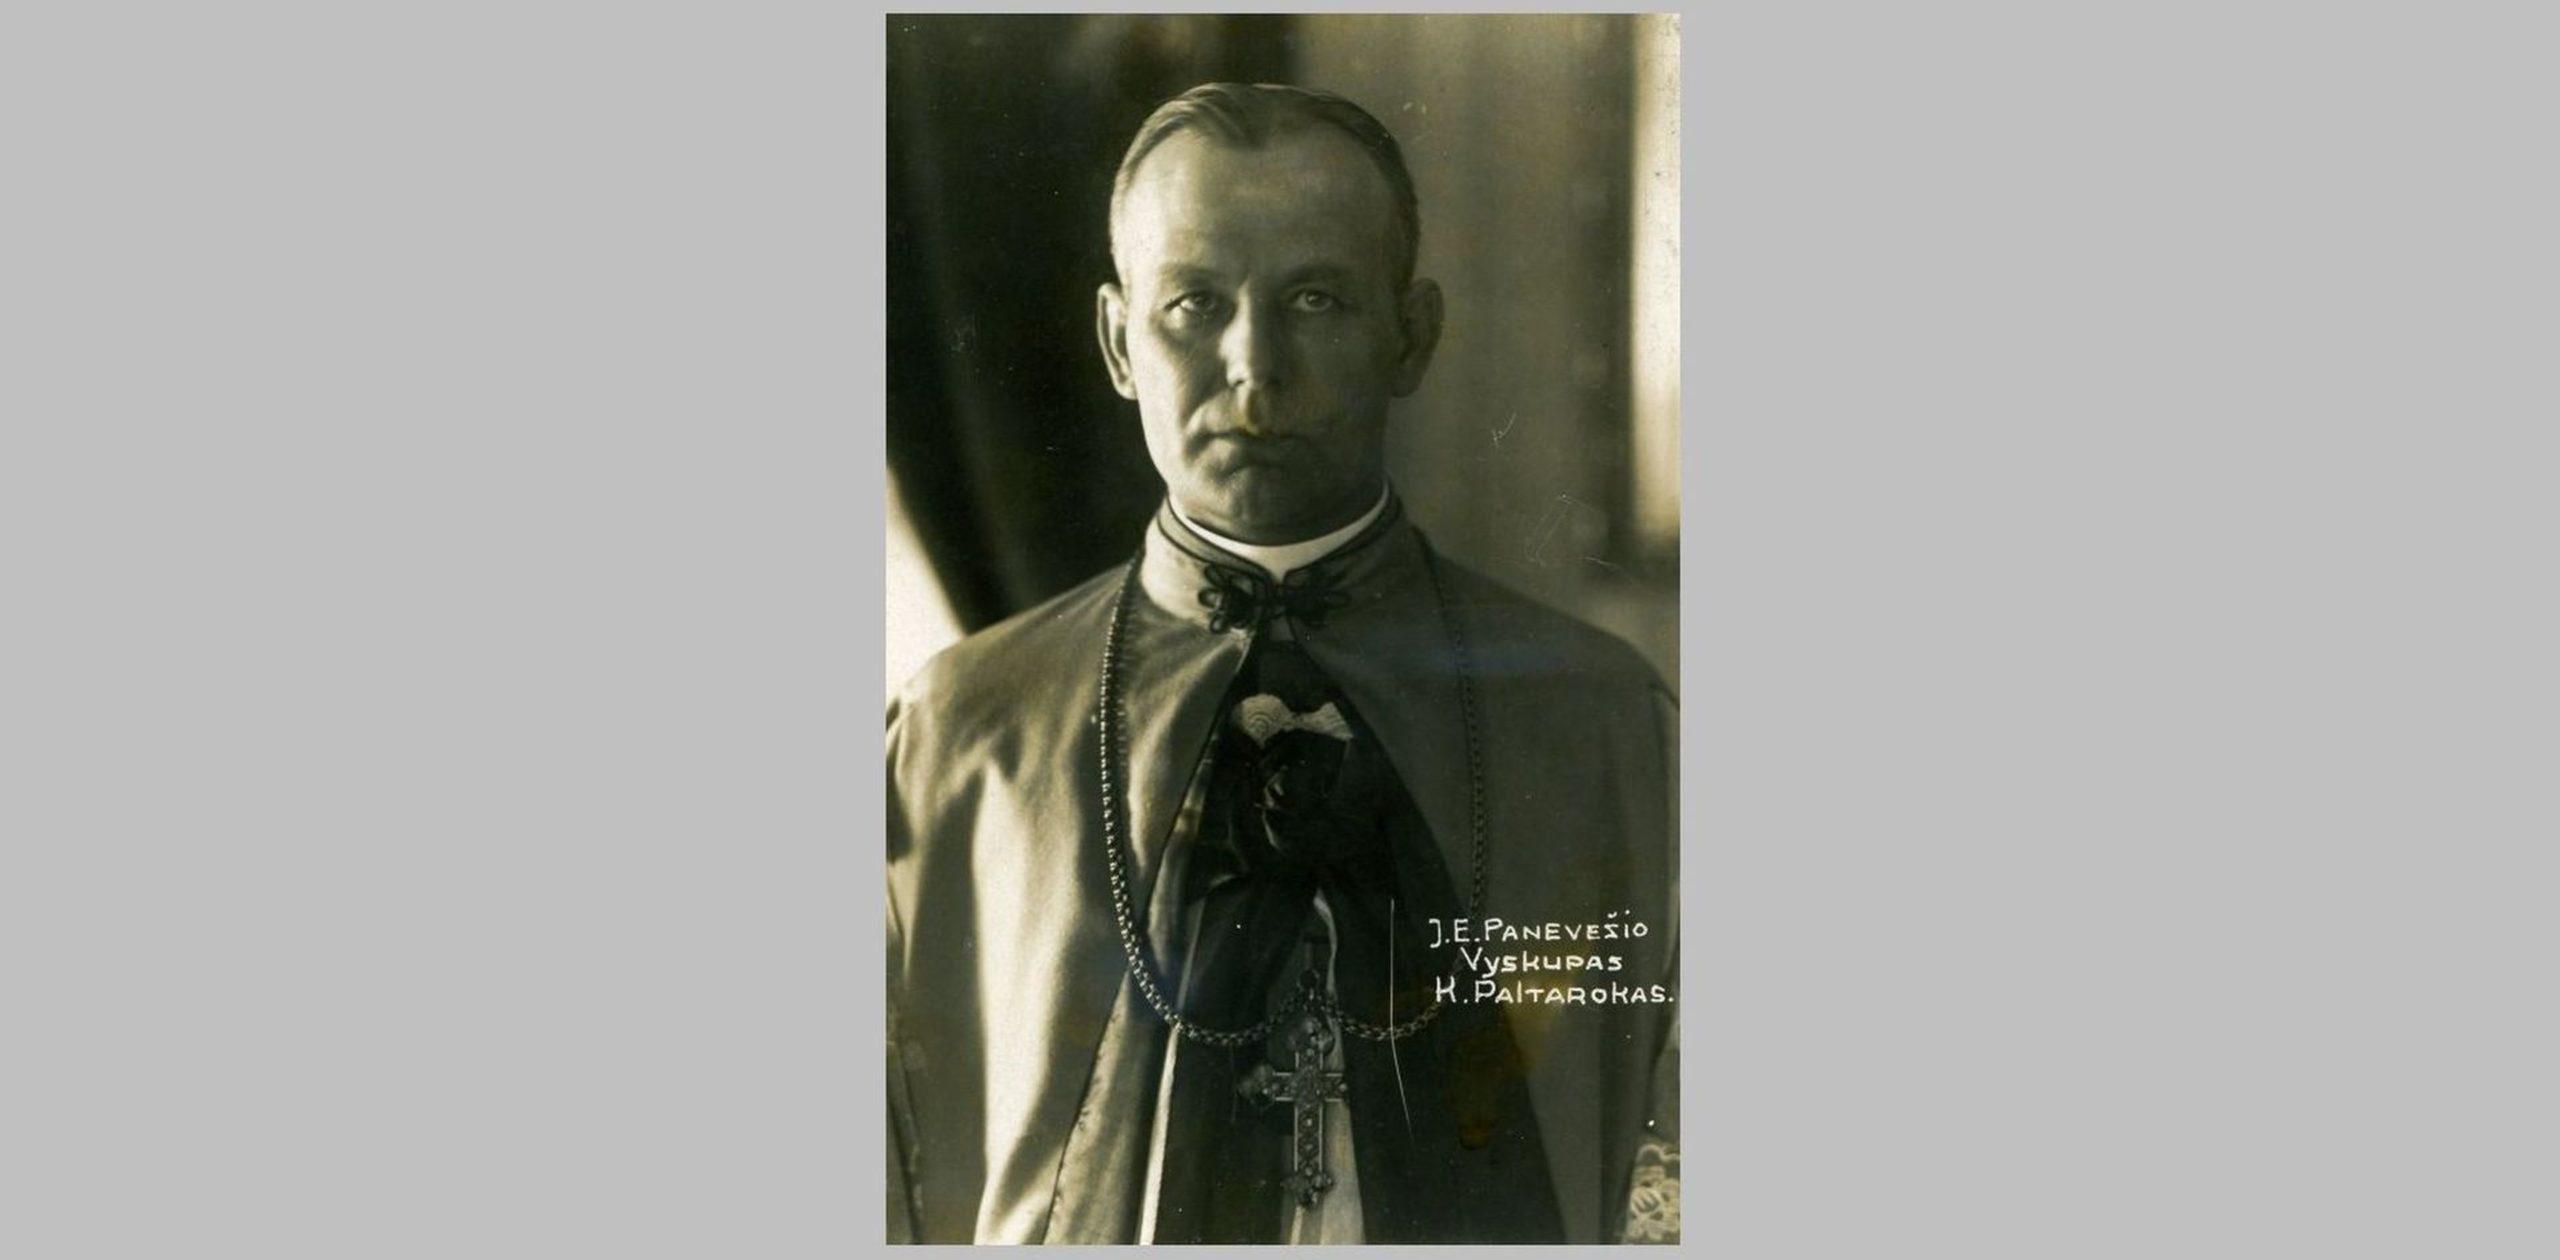 Vyskupas Kazimieras Paltarokas konsekracijos dieną. 1926.05.02. PAVB F76-47